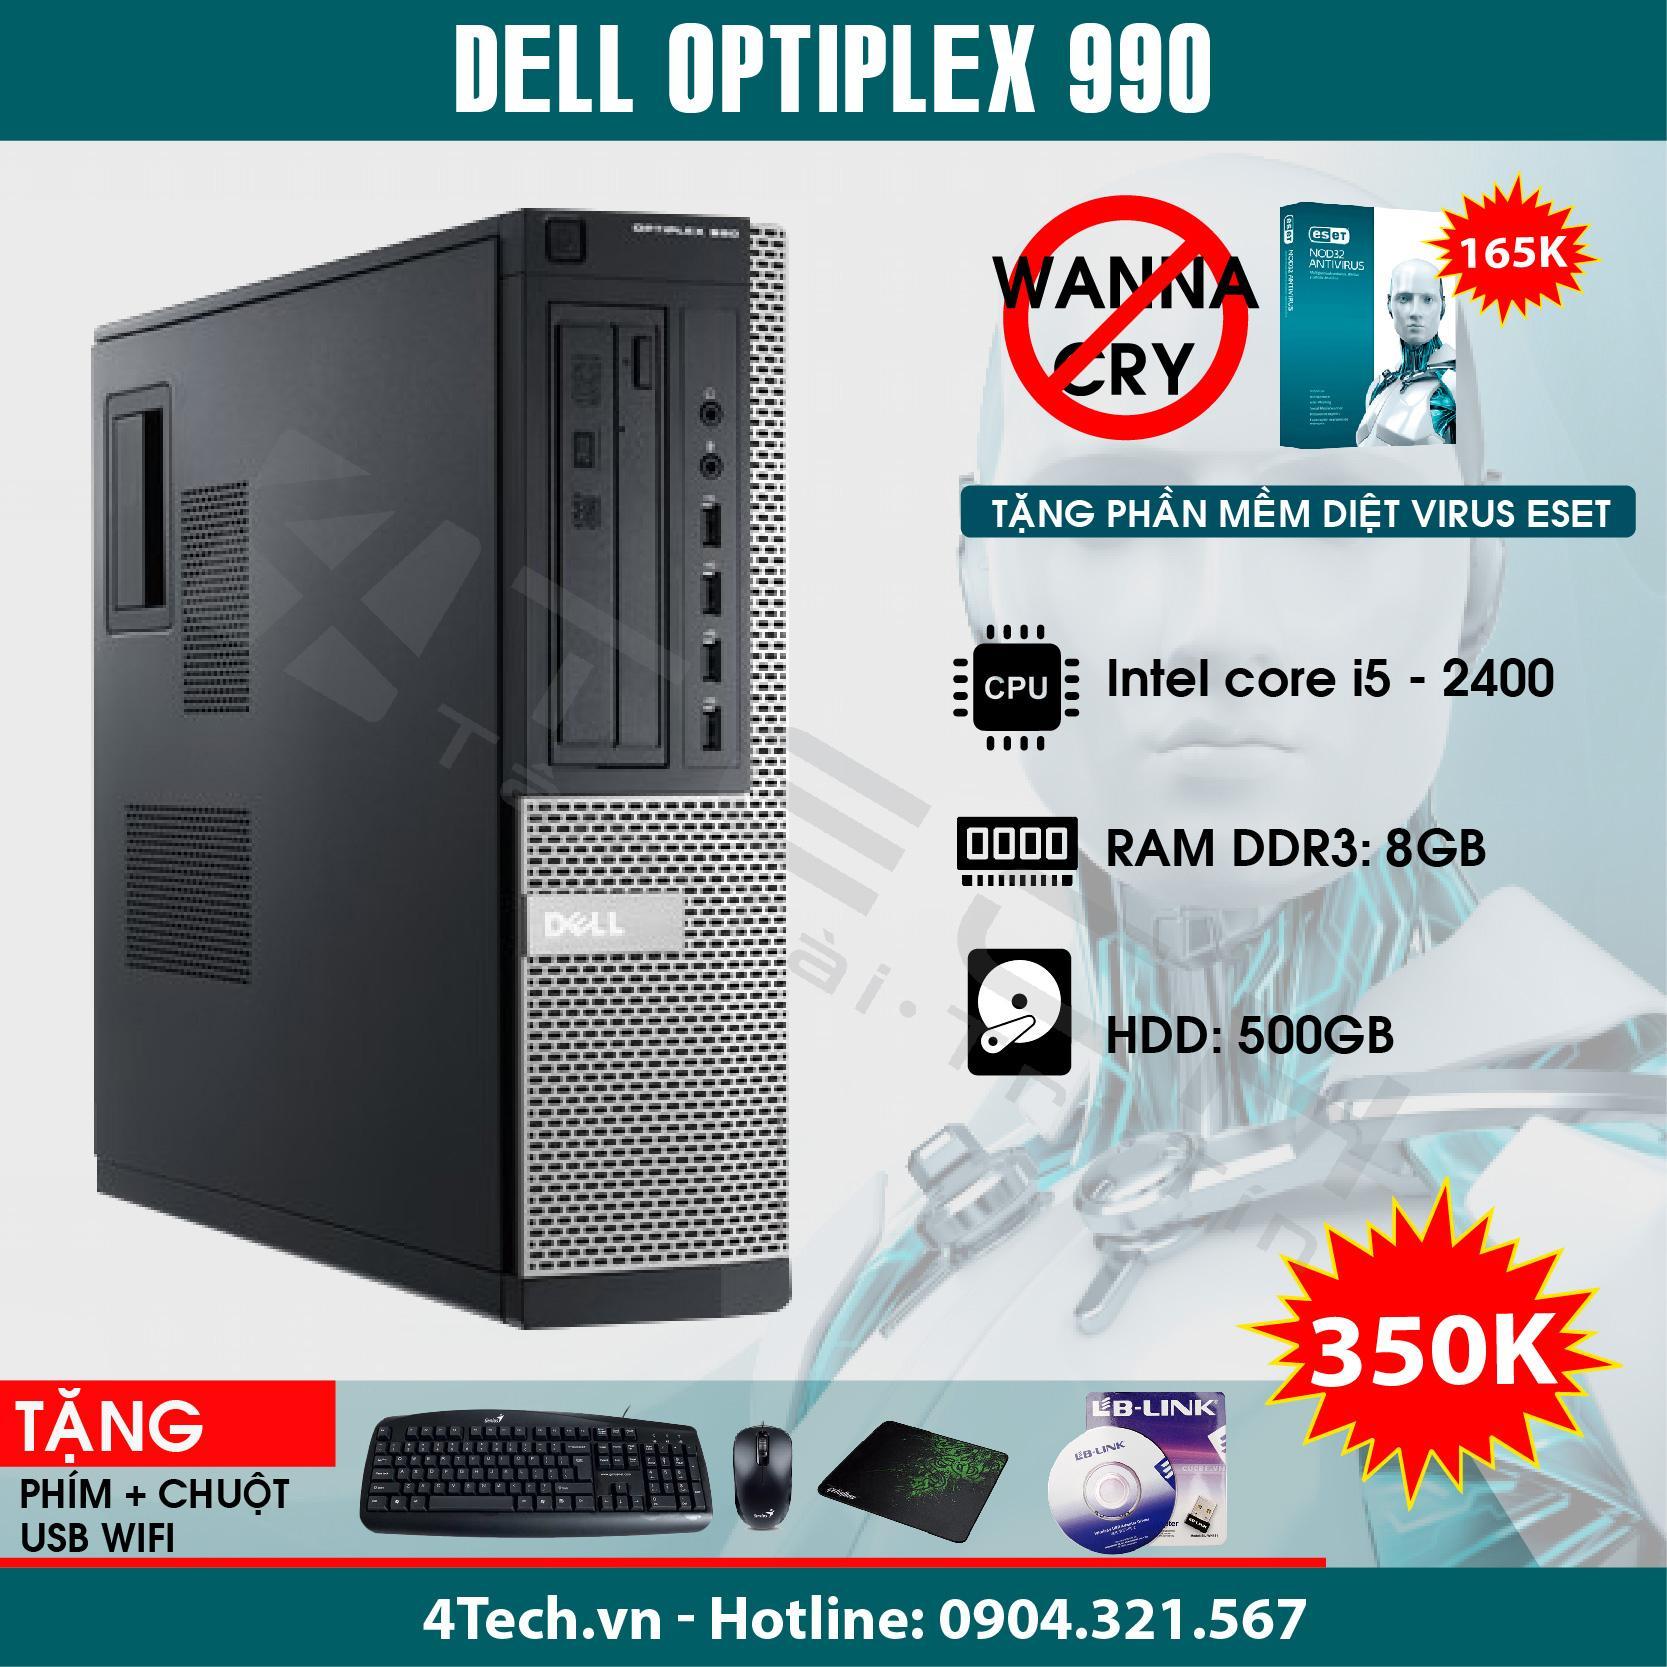 Máy tính đồng bộ Dell Optiplex 990 Intel Core i5 2400, RAM 8GB, HDD 500GB (Tặng bộ Bàn phím + chuột + bàn di + USB Wifi) - Hàng nhập khẩu